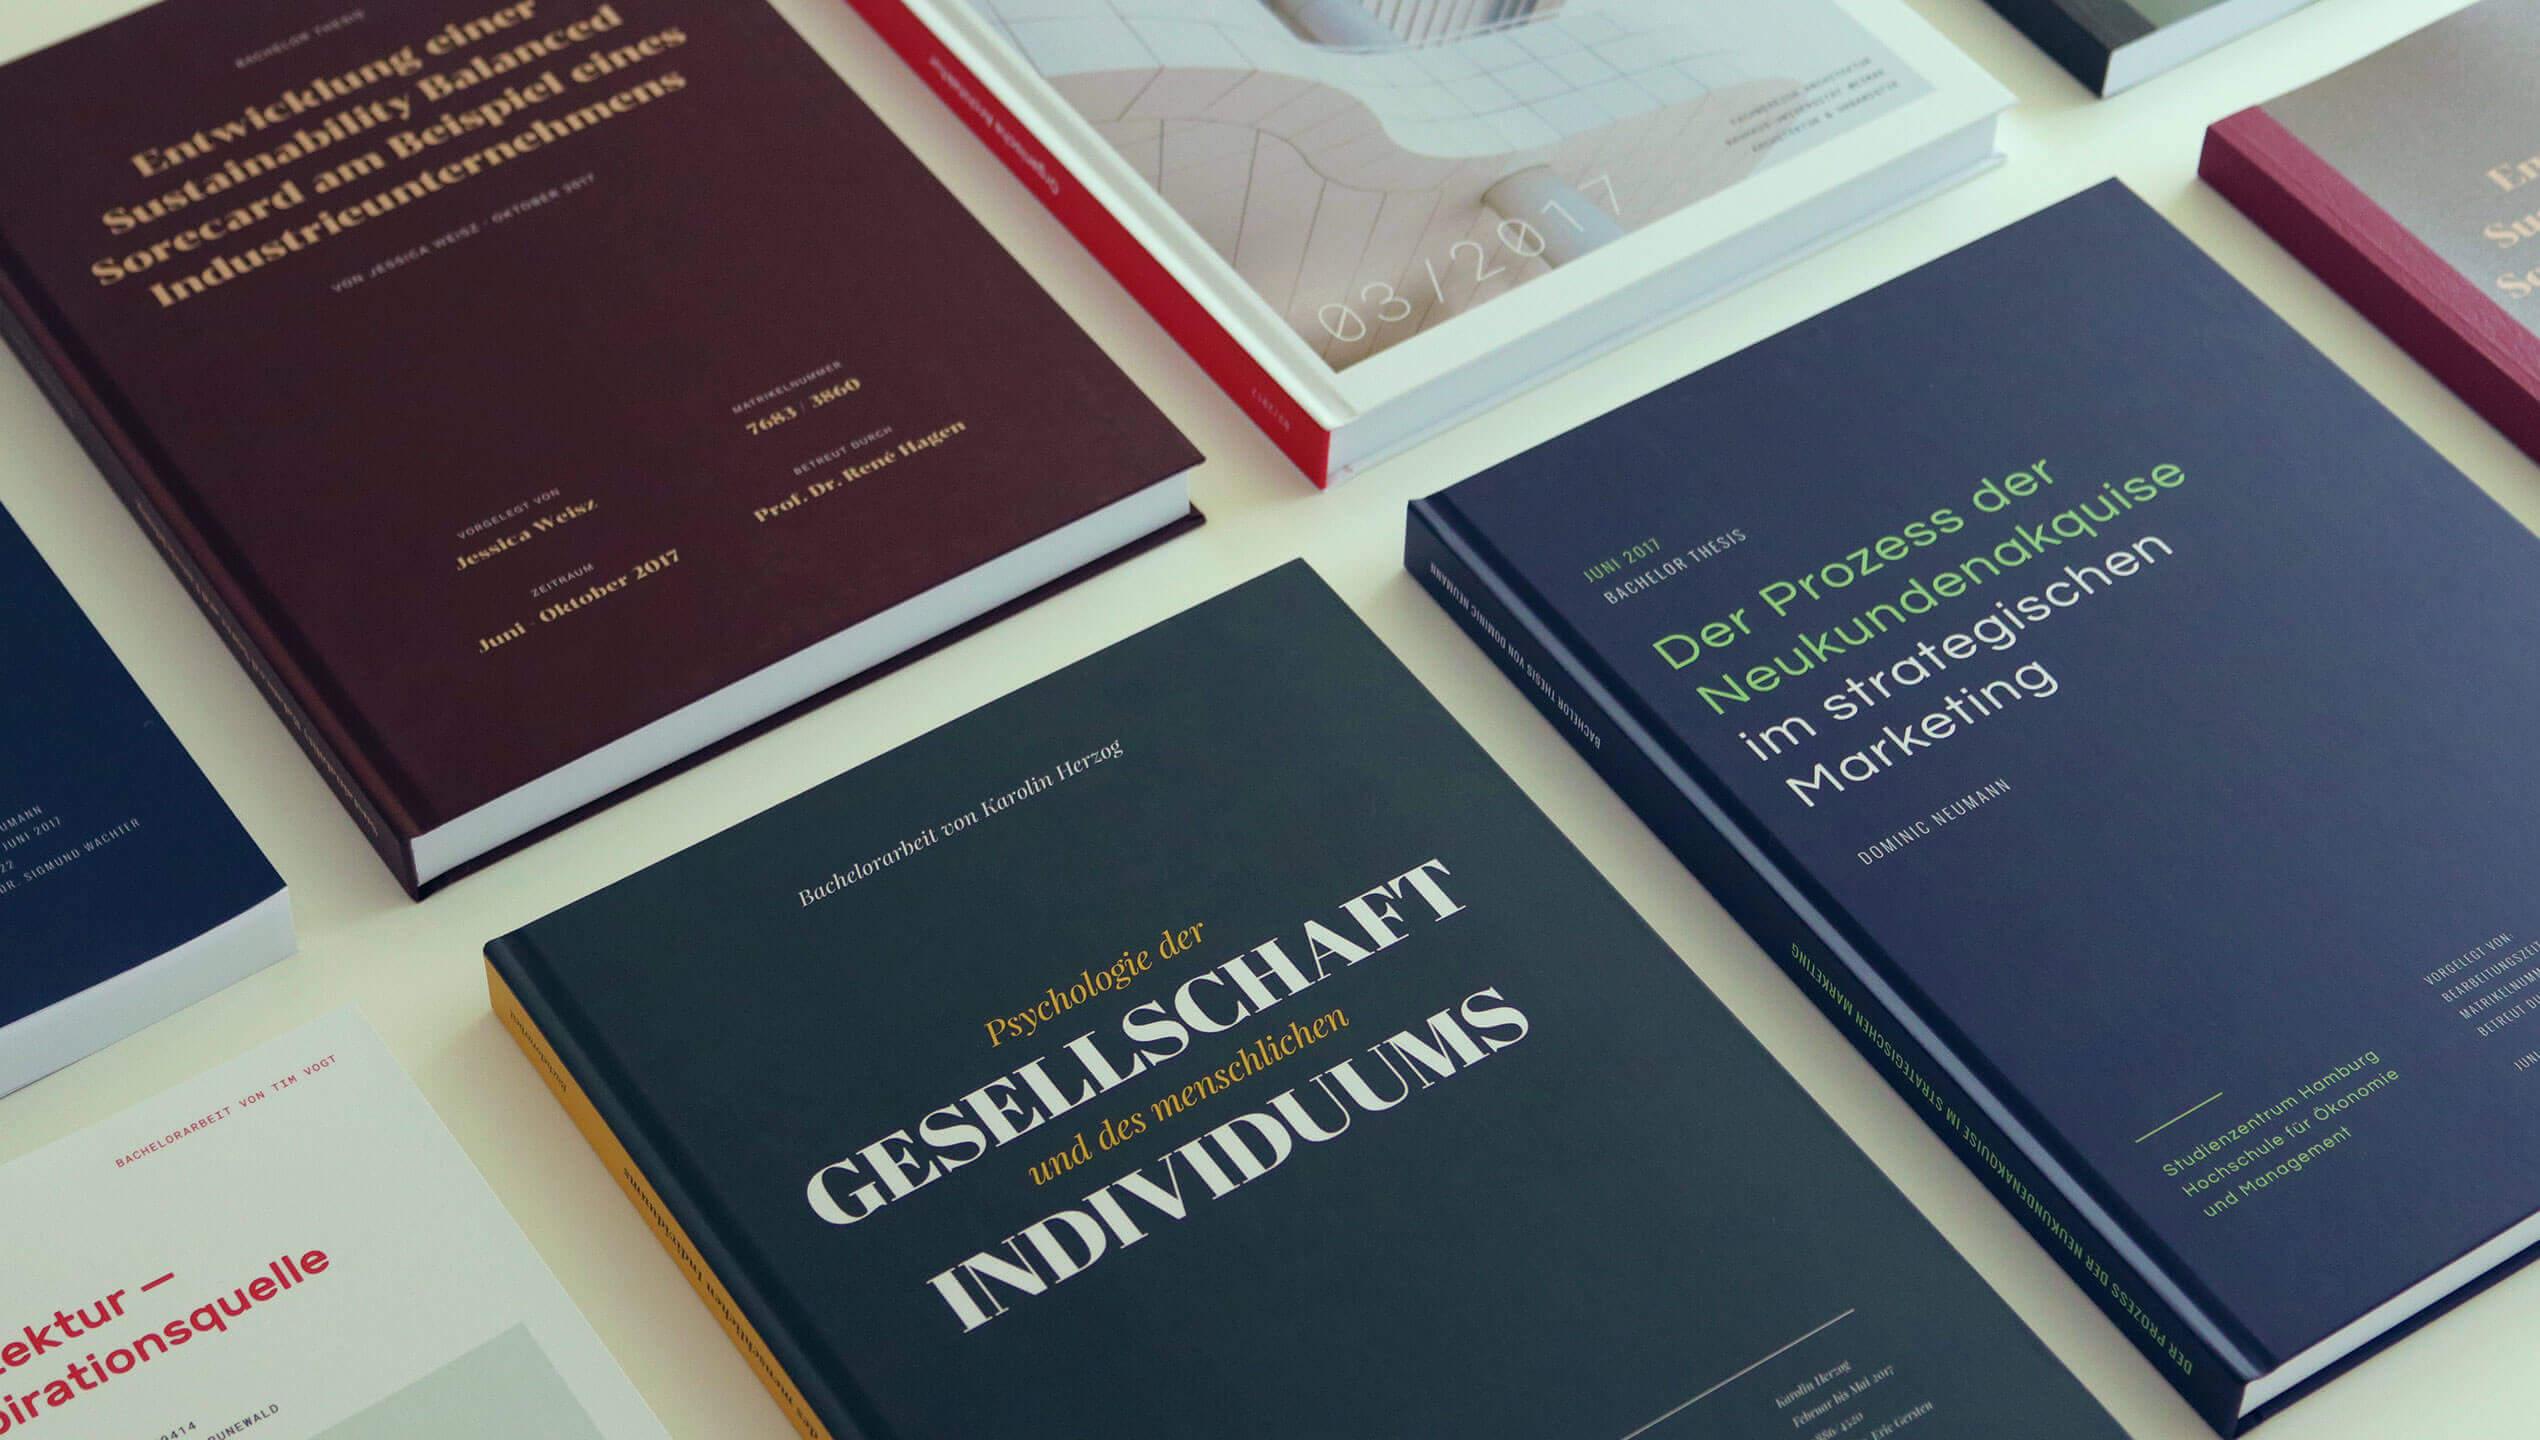 Bachelorarbeiten gedruckt - Inspriation